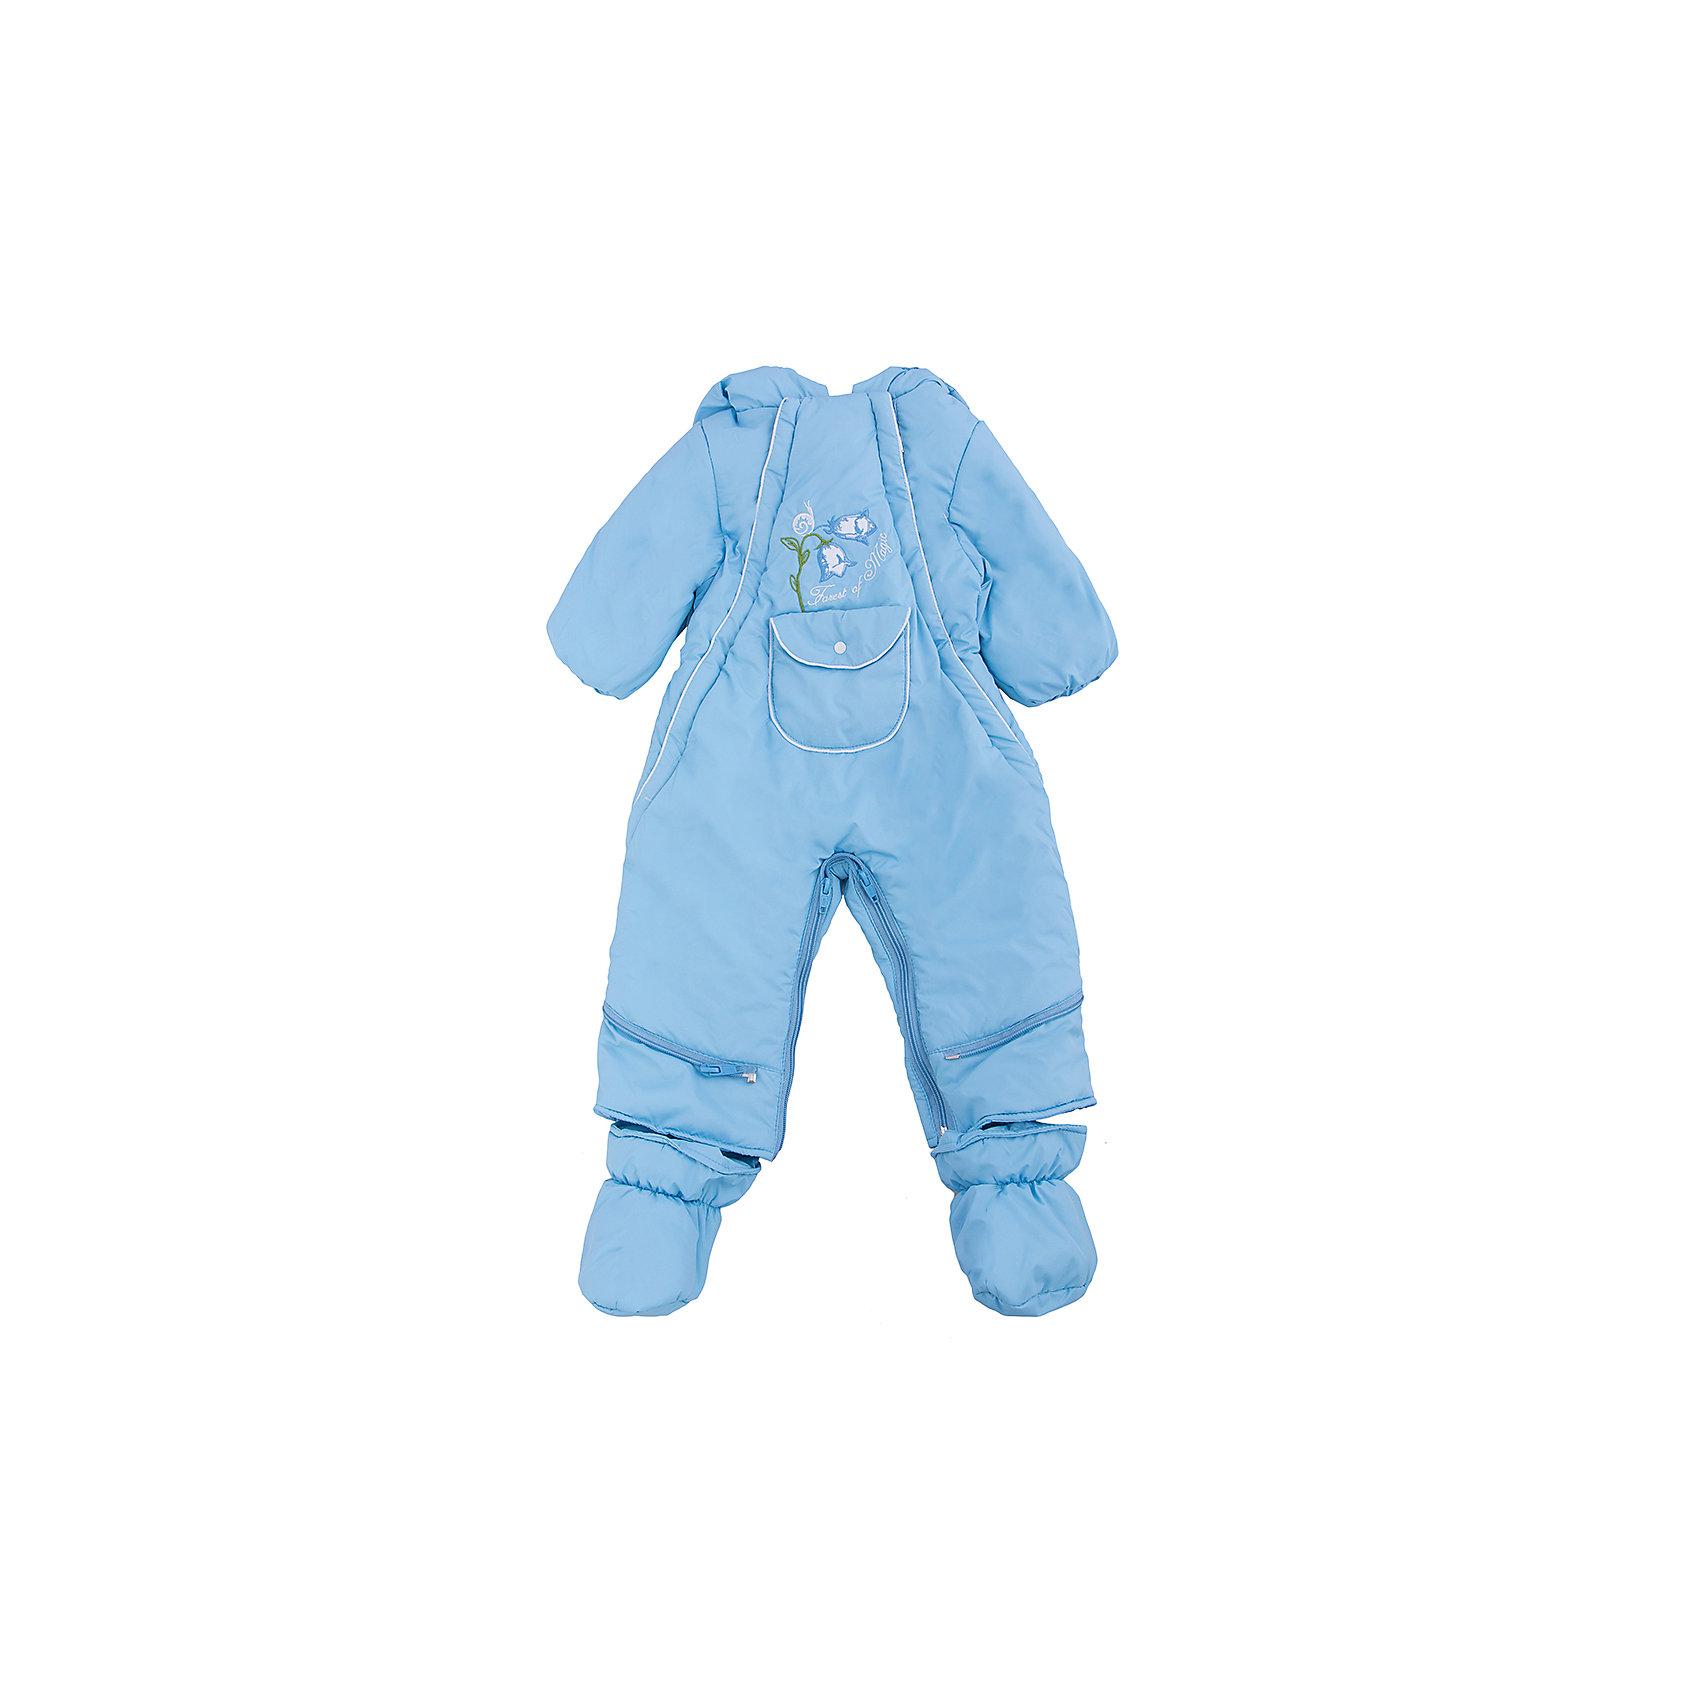 Комбинезон-трансформер для мальчика АртельКомбинезон-трансформер от торговой марки Артель &#13;<br>&#13;<br>Практичная и симпатичная вещь. Этот комбинезон имеет прочную, водо- и ветроотталкивающую внешнюю оболочку и мягкую подкладку. Красивая и удобная вещь.<br>Одежда от бренда Артель – это высокое качество по приемлемой цене и всегда продуманный дизайн. &#13;<br>&#13;<br>Особенности модели: &#13;<br>- цвет - голубой;&#13;<br>- хлопковая подкладка;&#13;<br>- капюшон;<br>- утеплитель;&#13;<br>- украшен вышивкой и карманом;&#13;<br>- застежка-молния.&#13;<br>&#13;<br>Дополнительная информация:&#13;<br>&#13;<br>Состав: &#13;<br>- верх: DewspoFD;<br>- подкладка: интерлок;<br>- утеплитель: термофайбер 100 г<br>&#13;<br>Температурный режим: &#13;<br>от - 10 °C до + 10 °C&#13;<br>Комбинезон-трансформер  Артель (Artel) можно купить в нашем магазине.<br><br>Ширина мм: 356<br>Глубина мм: 10<br>Высота мм: 245<br>Вес г: 519<br>Цвет: голубой<br>Возраст от месяцев: 2<br>Возраст до месяцев: 5<br>Пол: Мужской<br>Возраст: Детский<br>Размер: 62,74,68<br>SKU: 4495965